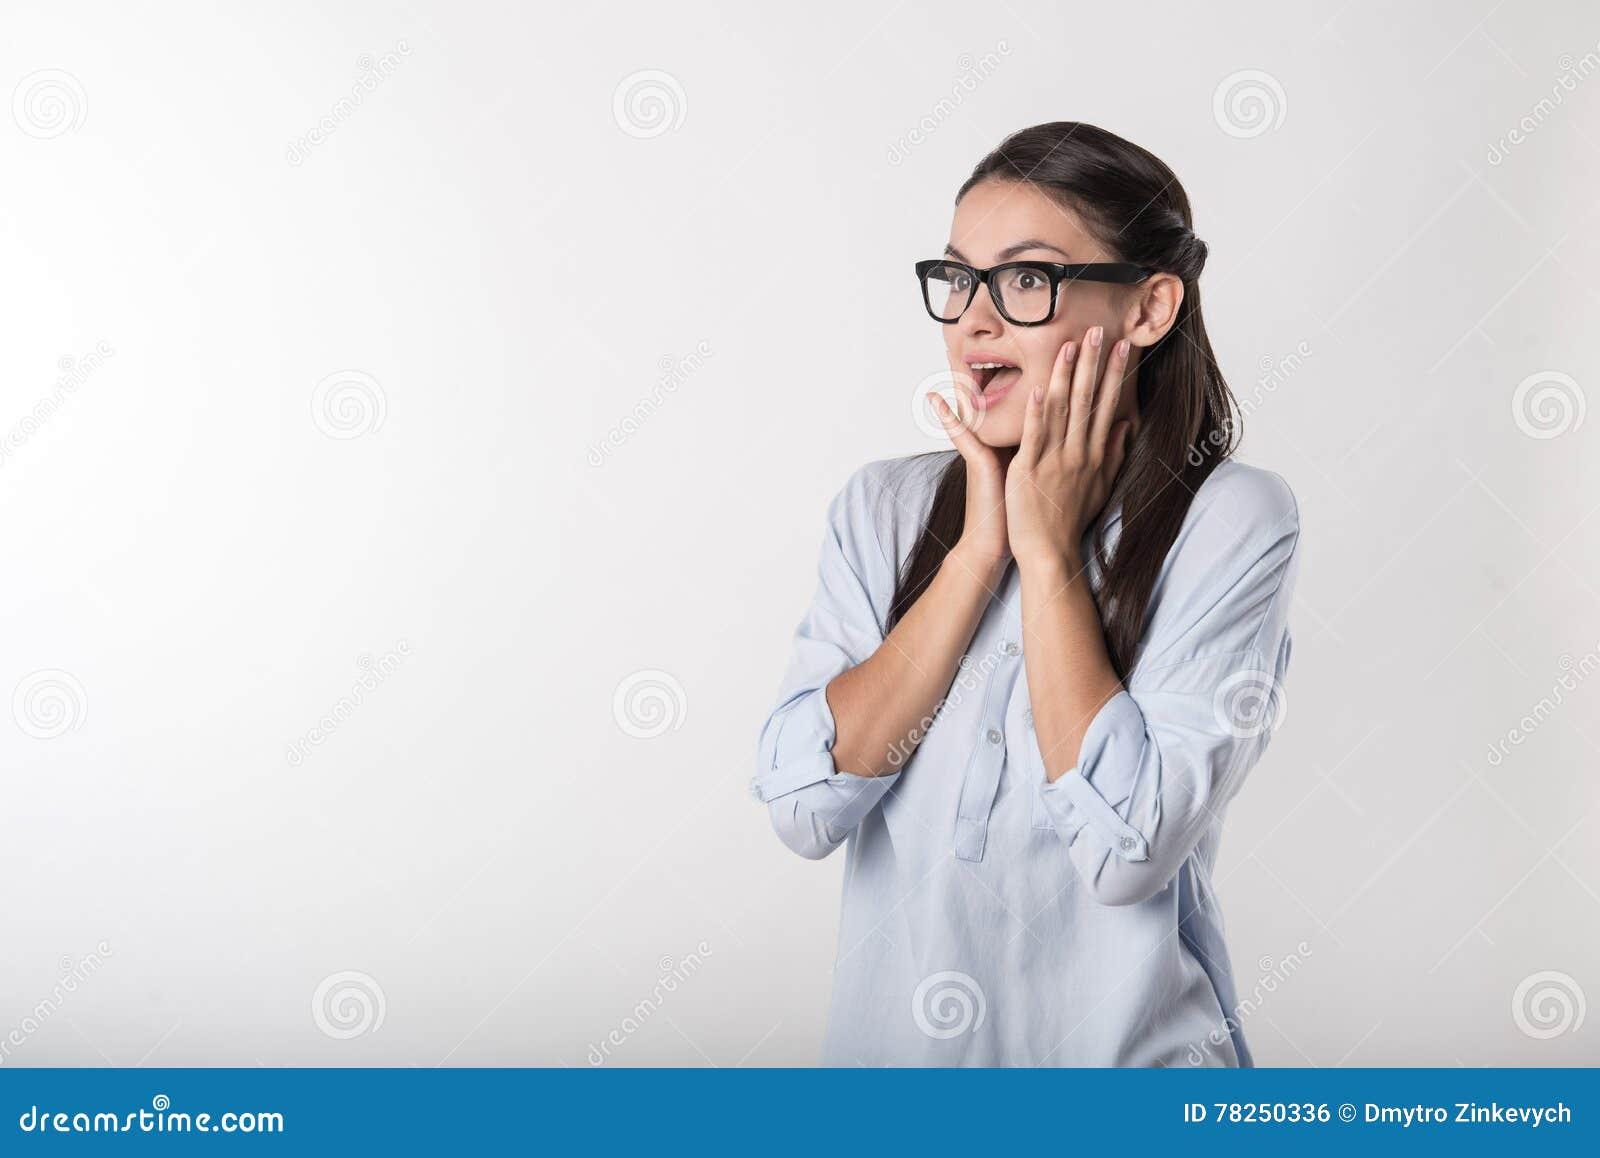 Ενθουσιασμένη έκπληκτη γυναίκα που στέκεται στο άσπρο κλίμα